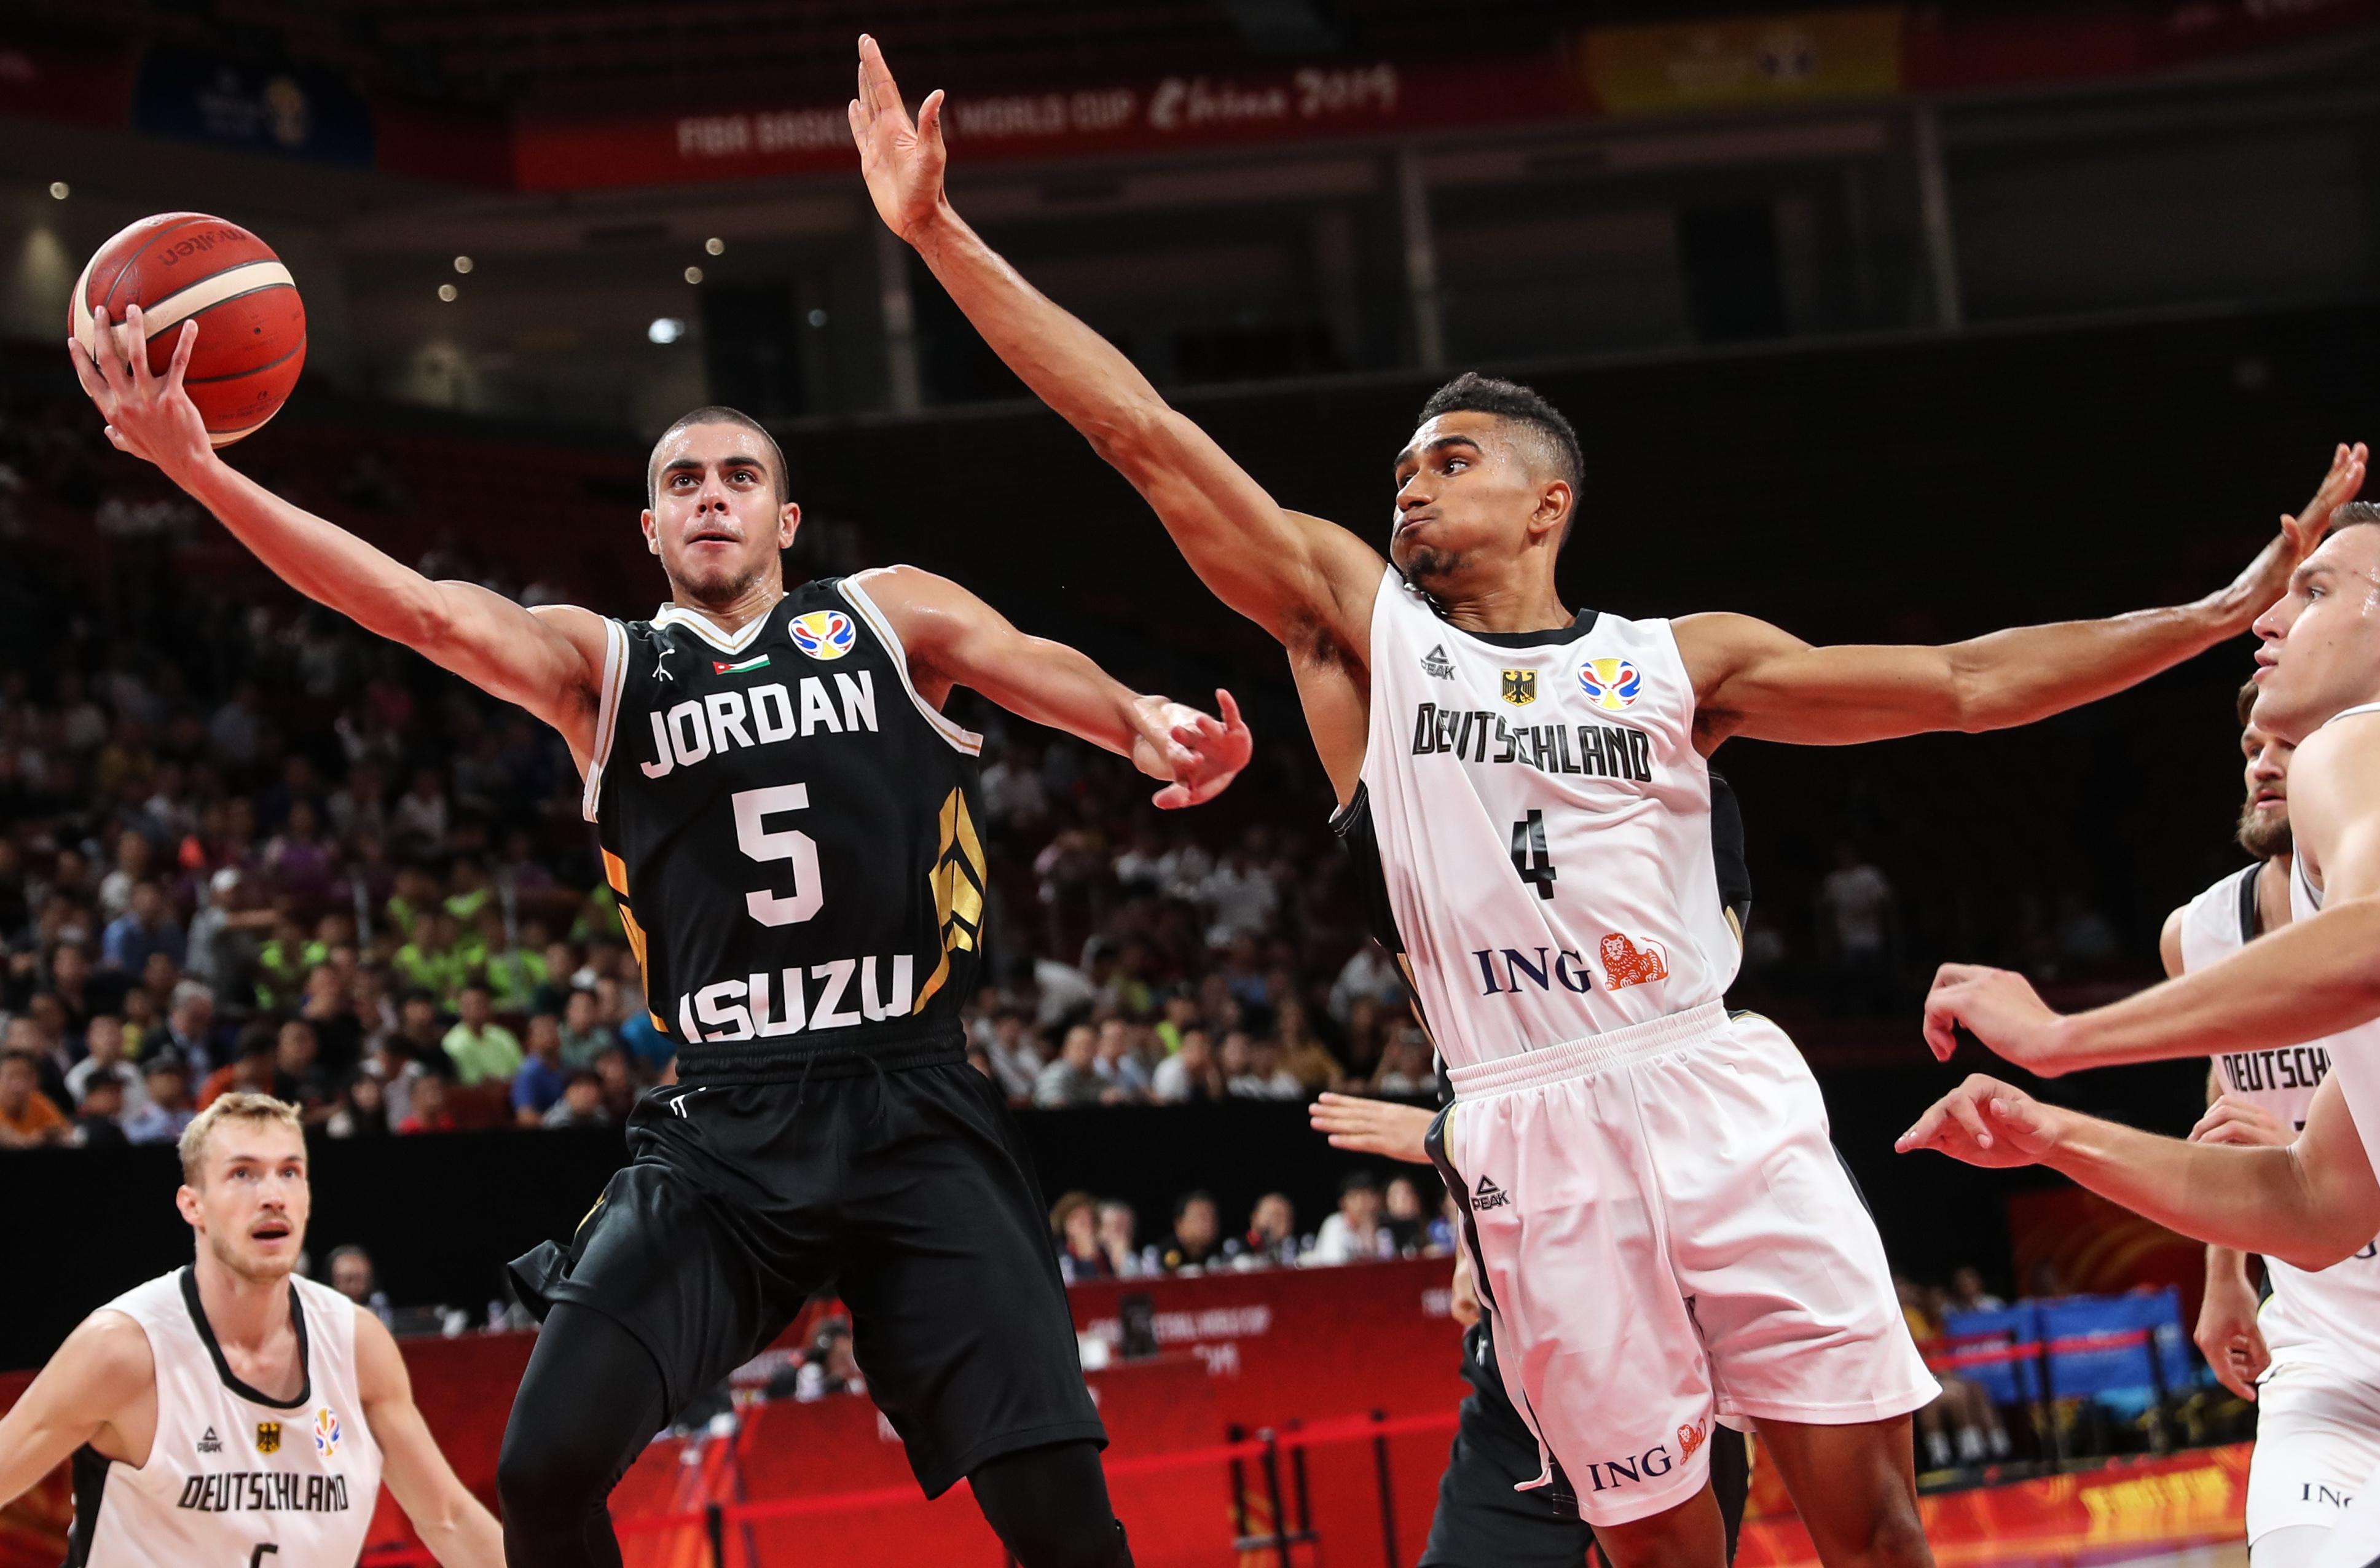 篮球世界杯 | 小组赛:德国队胜约旦队_德国新闻_德国中文网